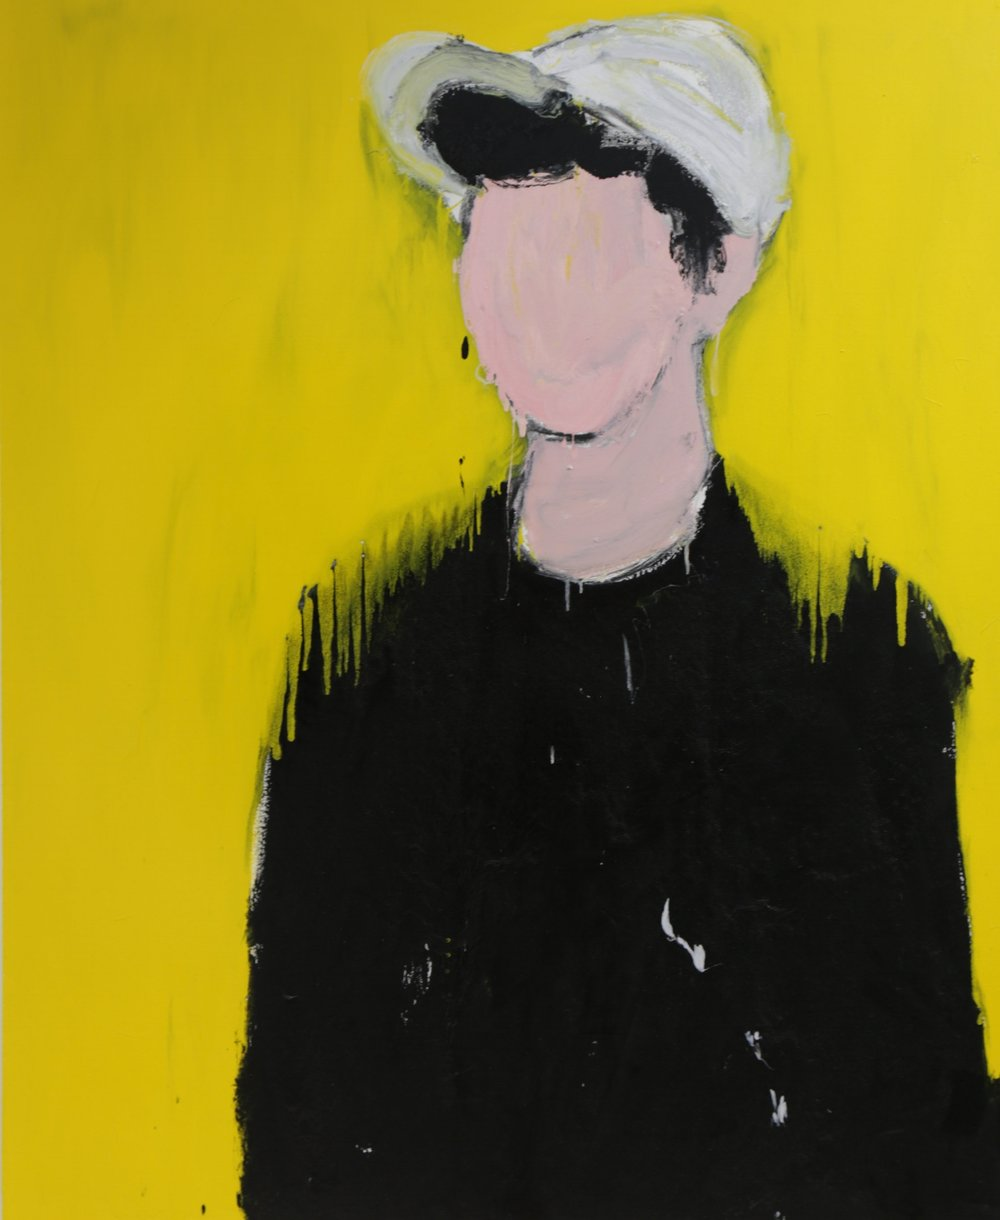 Samrose I, 2016, enamel paint on canvas, 138 x 168 cm